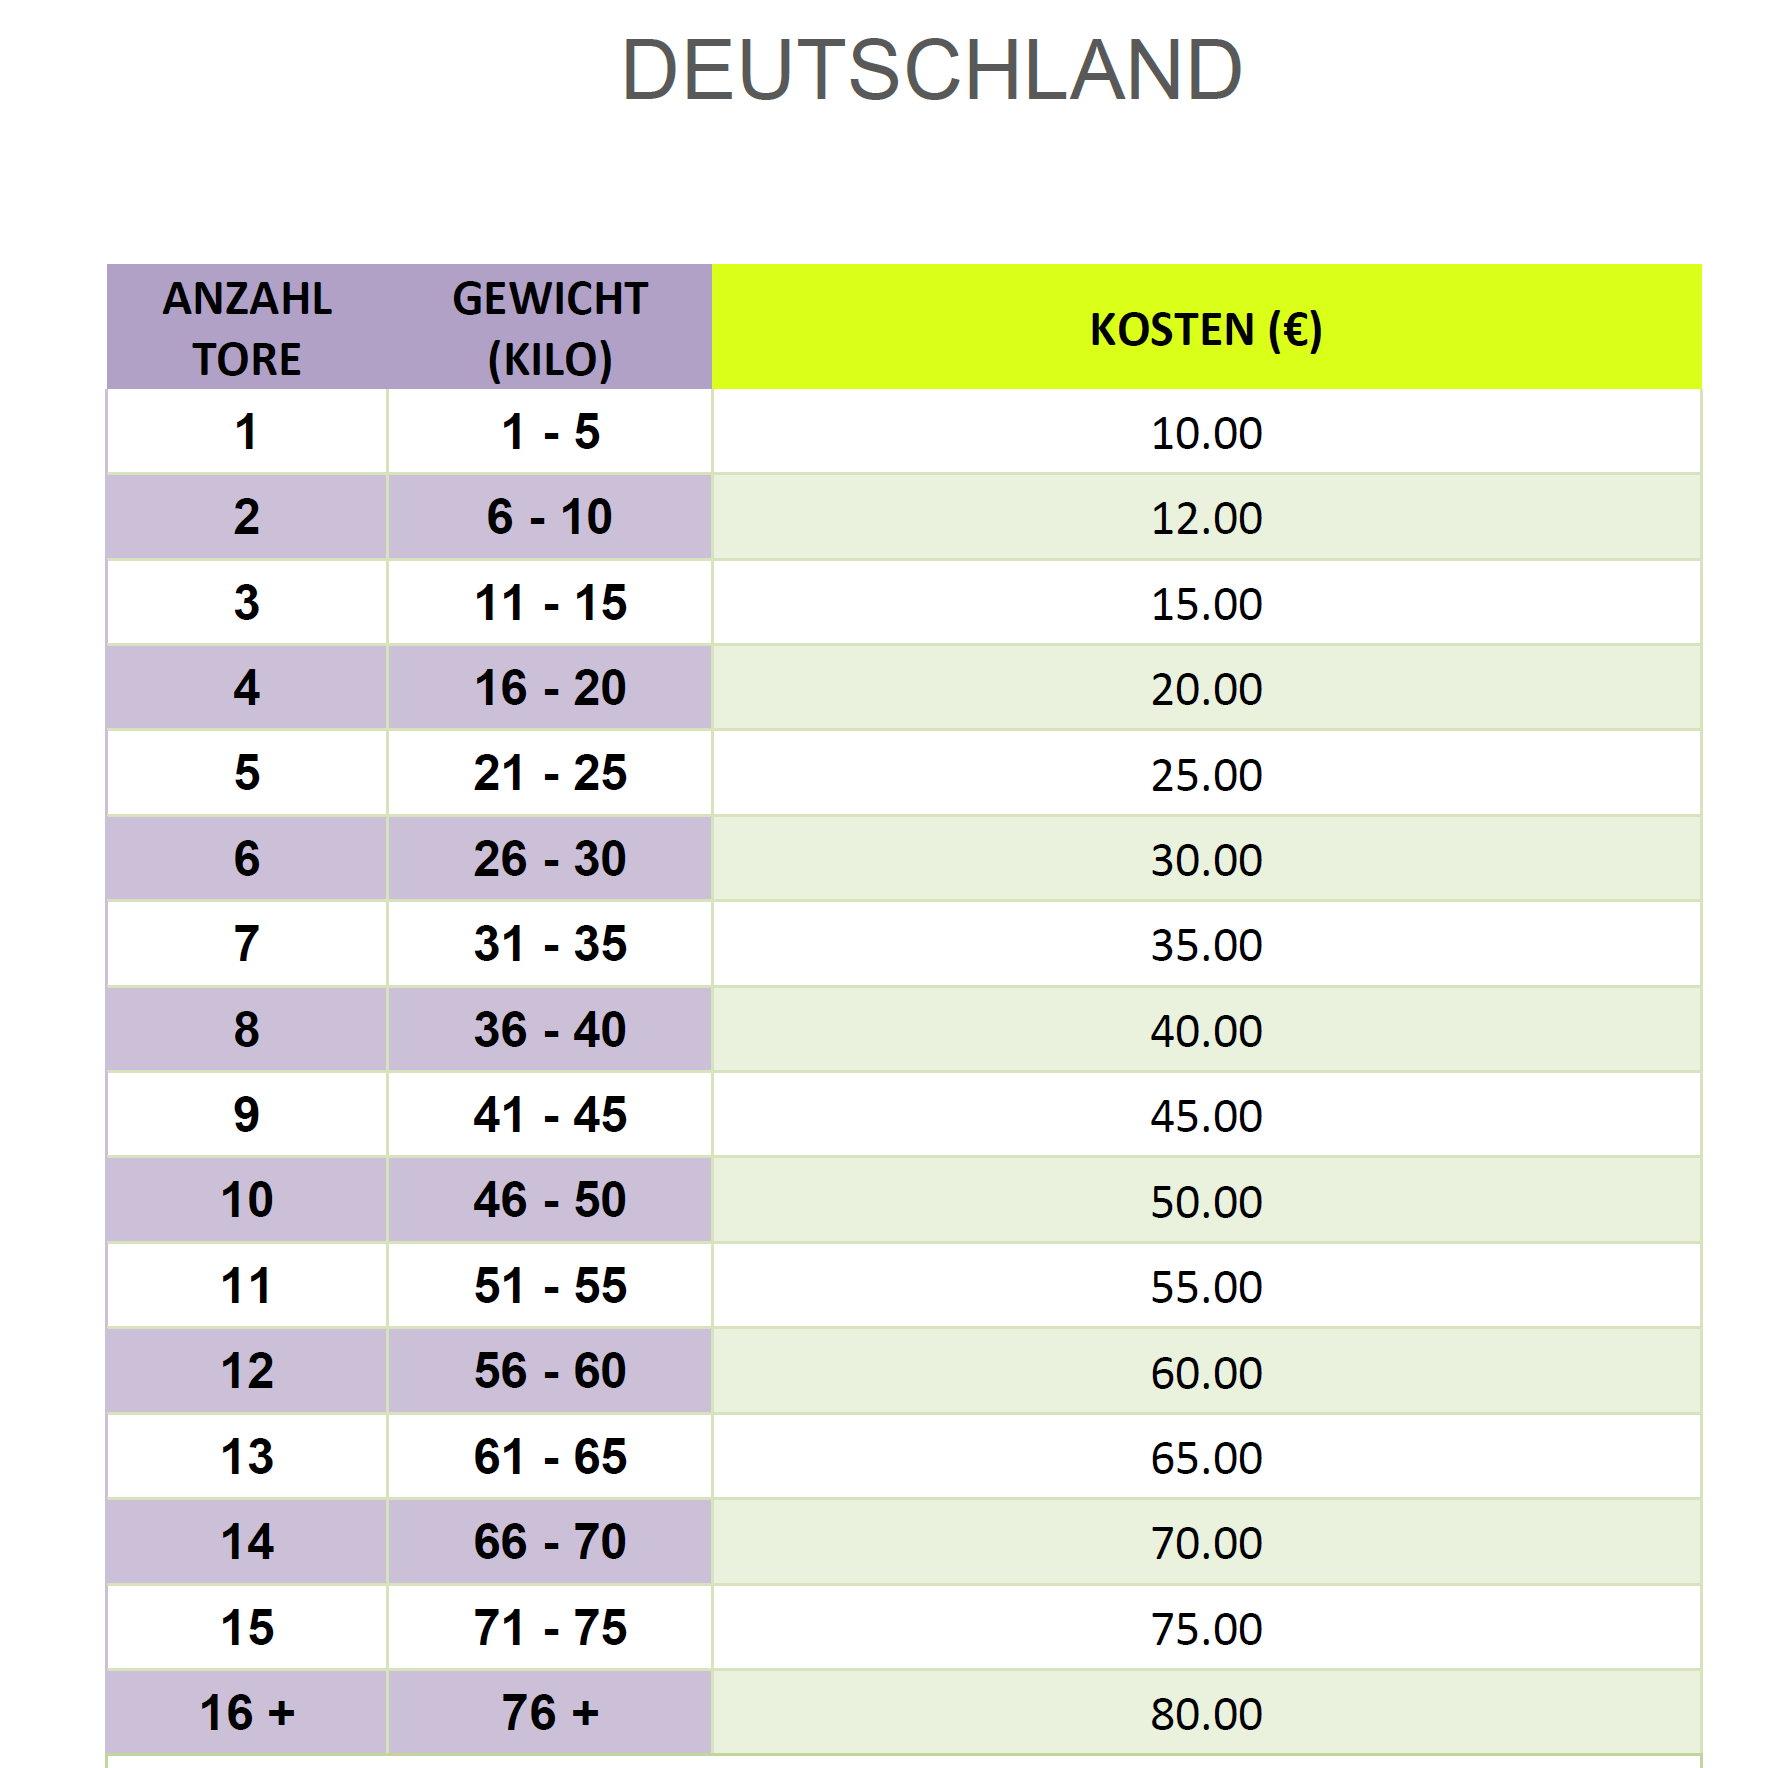 Lieferkosten-Deutschland